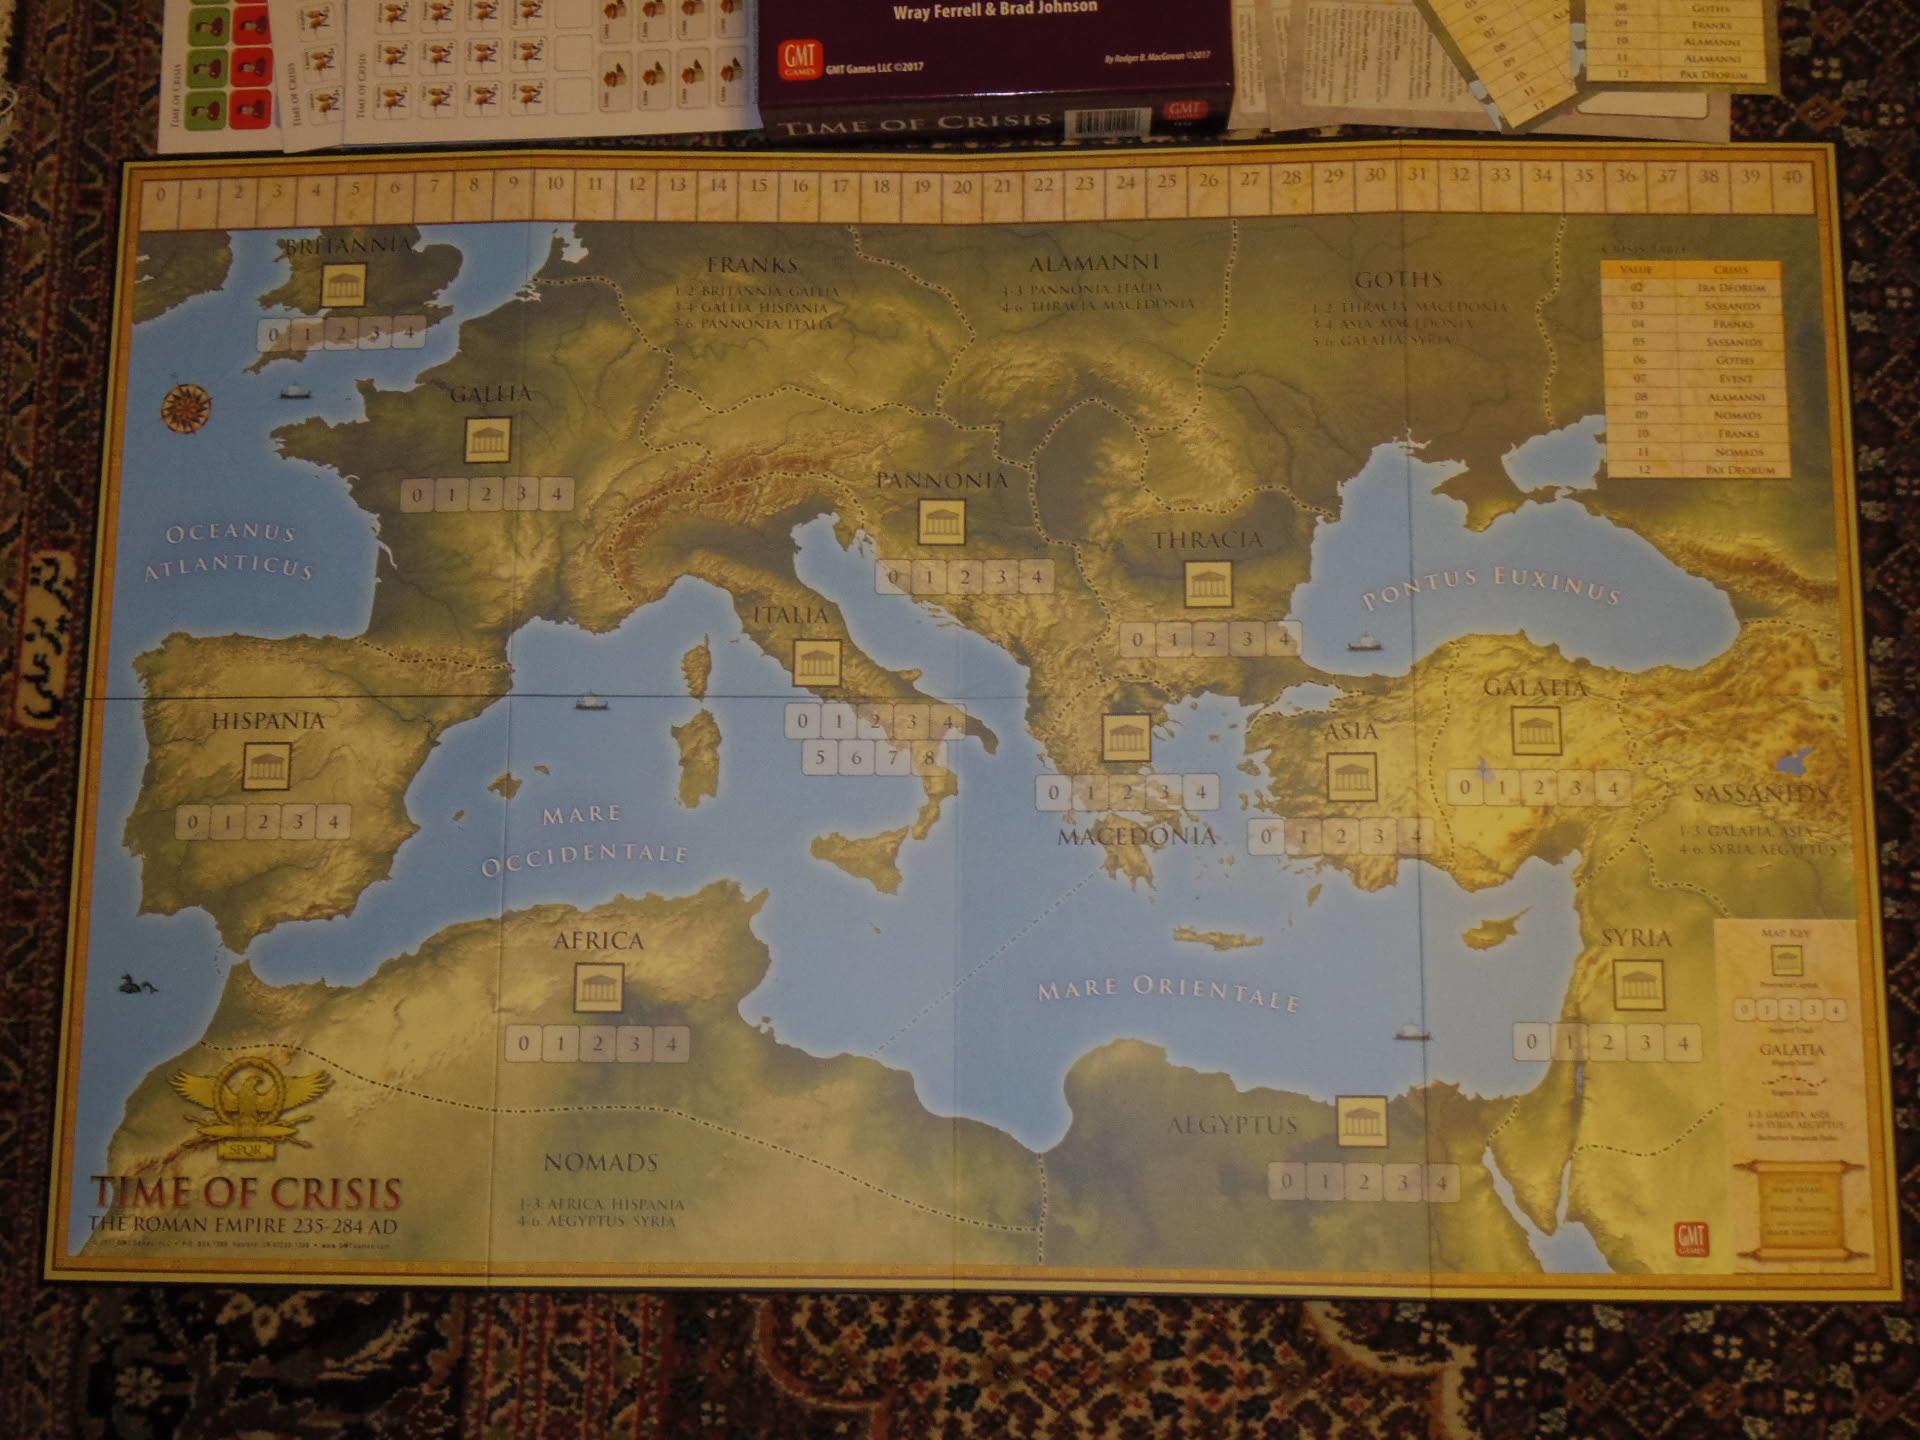 ローマ人の物語Ⅻ 「混迷する帝国」を、そのまま4人用マルチゲームにしたような...(GMT)Time of Crisis_b0173672_19342233.jpg